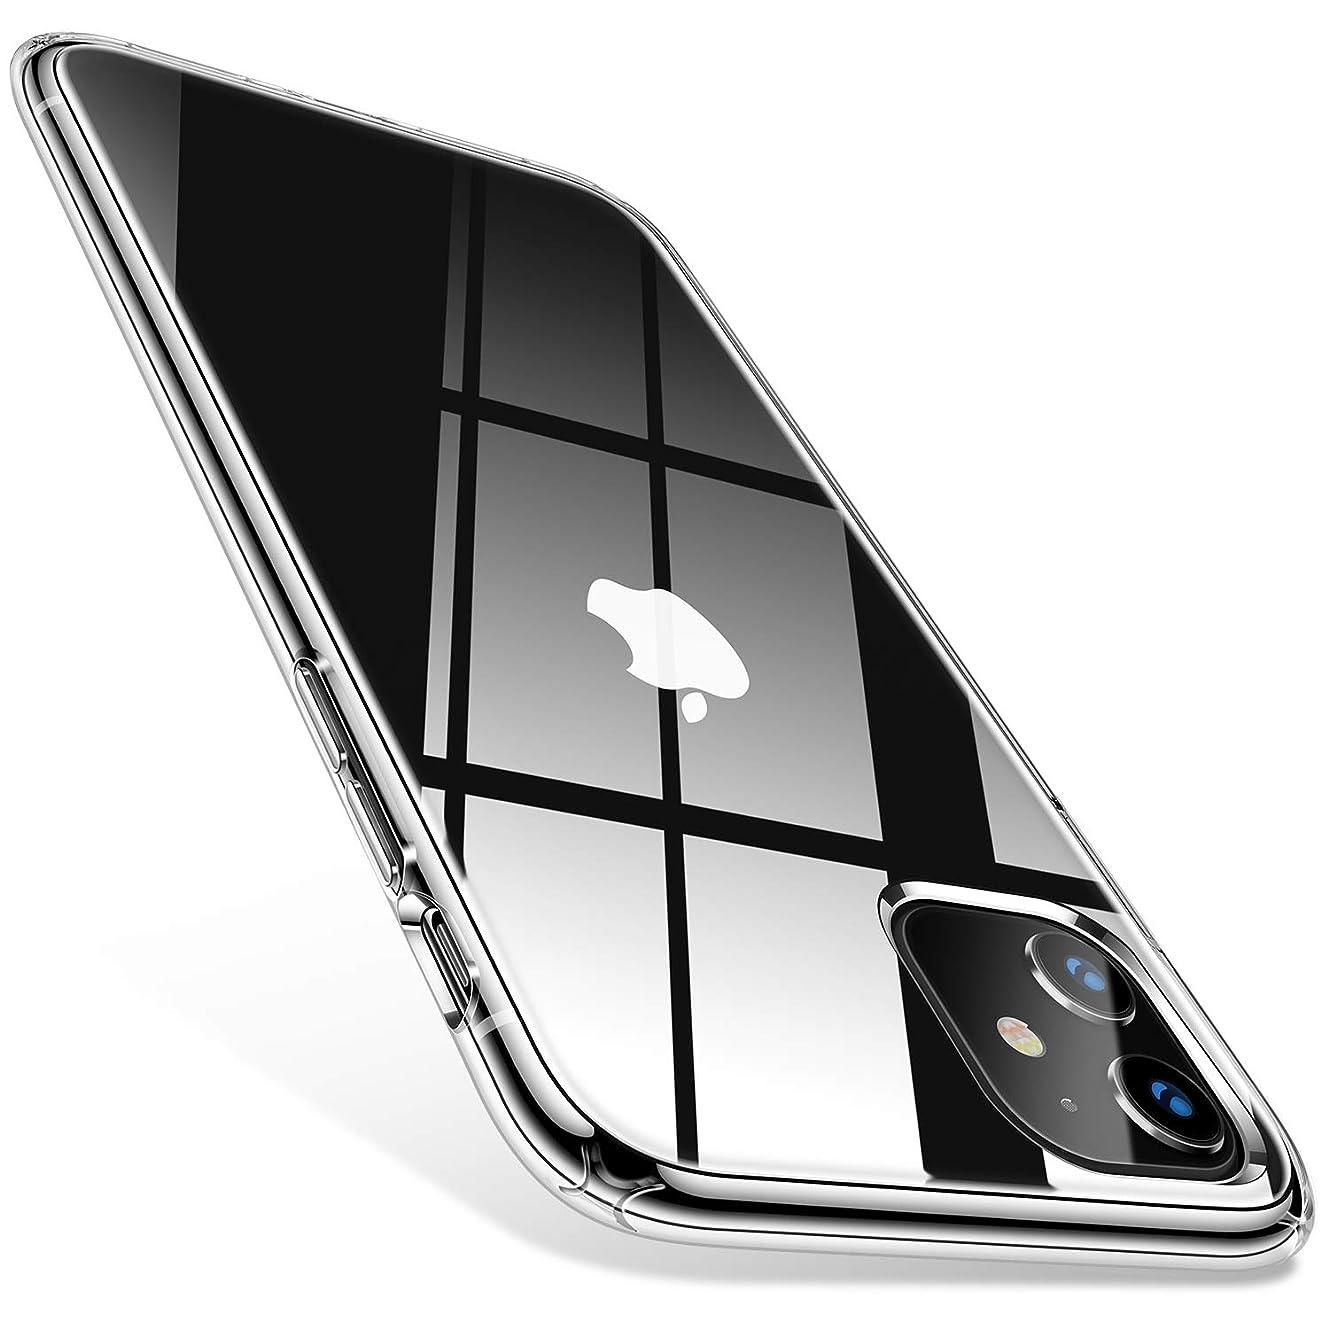 破壊ミシン想定TORRAS iPhone 11 ケース 6.1インチ 対応 全透明 ハイブリッドケース 二重構造 黄ばみなし 米軍MIL規格 耐衝撃 擦り傷防止 SGS認証 薄型 アイフォン11用カバー(クリスタル?クリア)